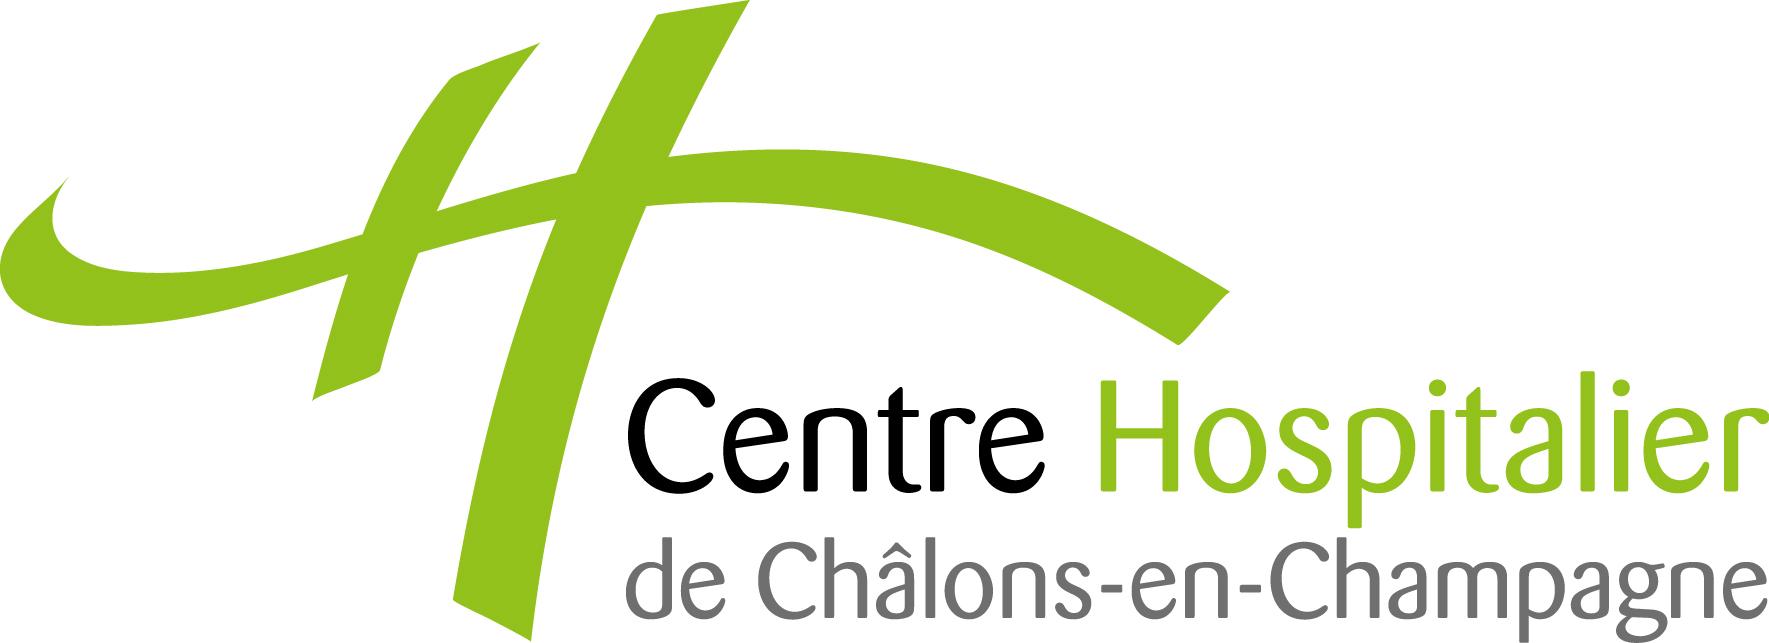 CH de Chalons-en-Champagne